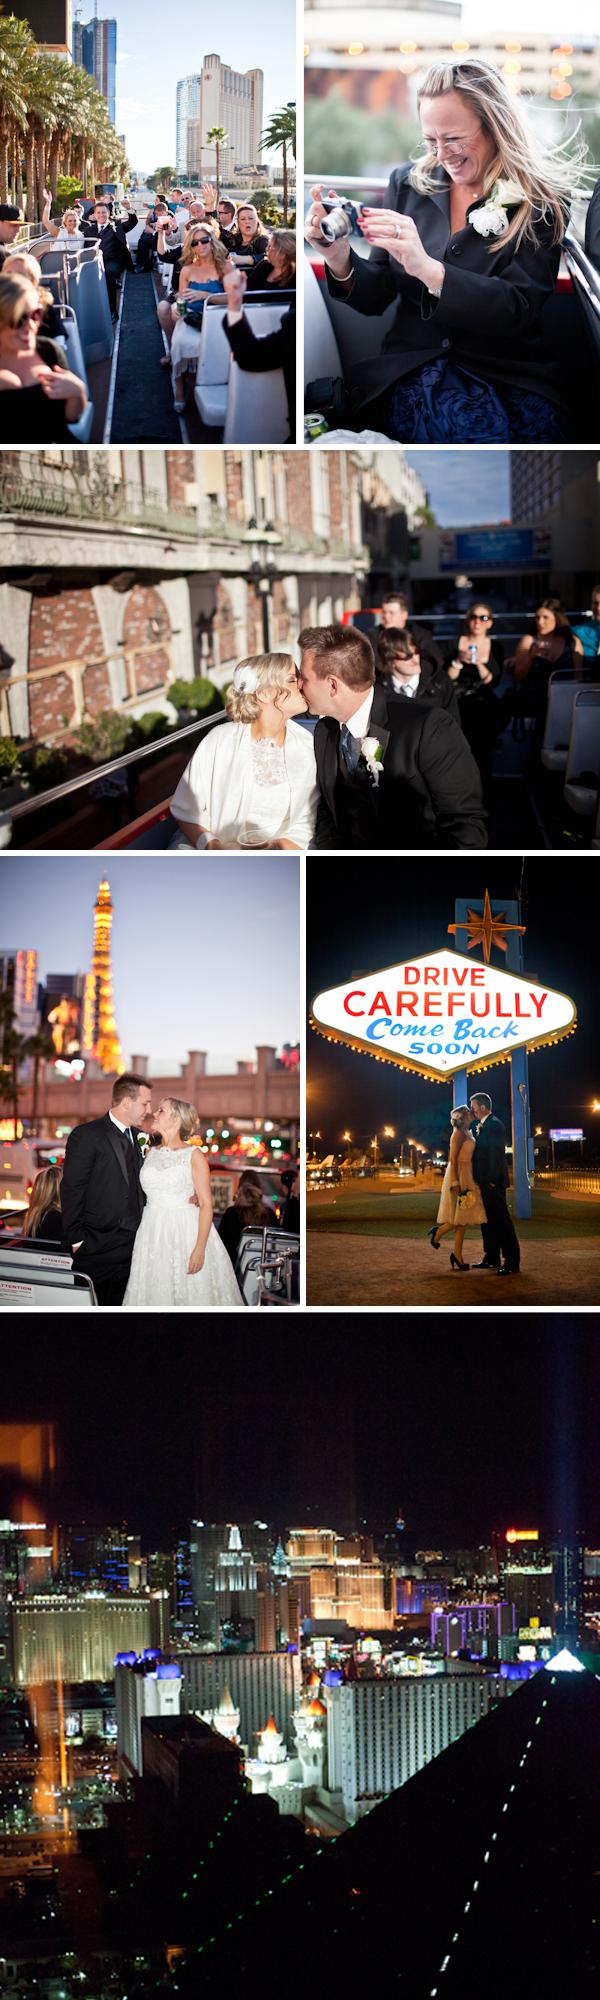 Meg Ruth Las Vegas Wedding Photography